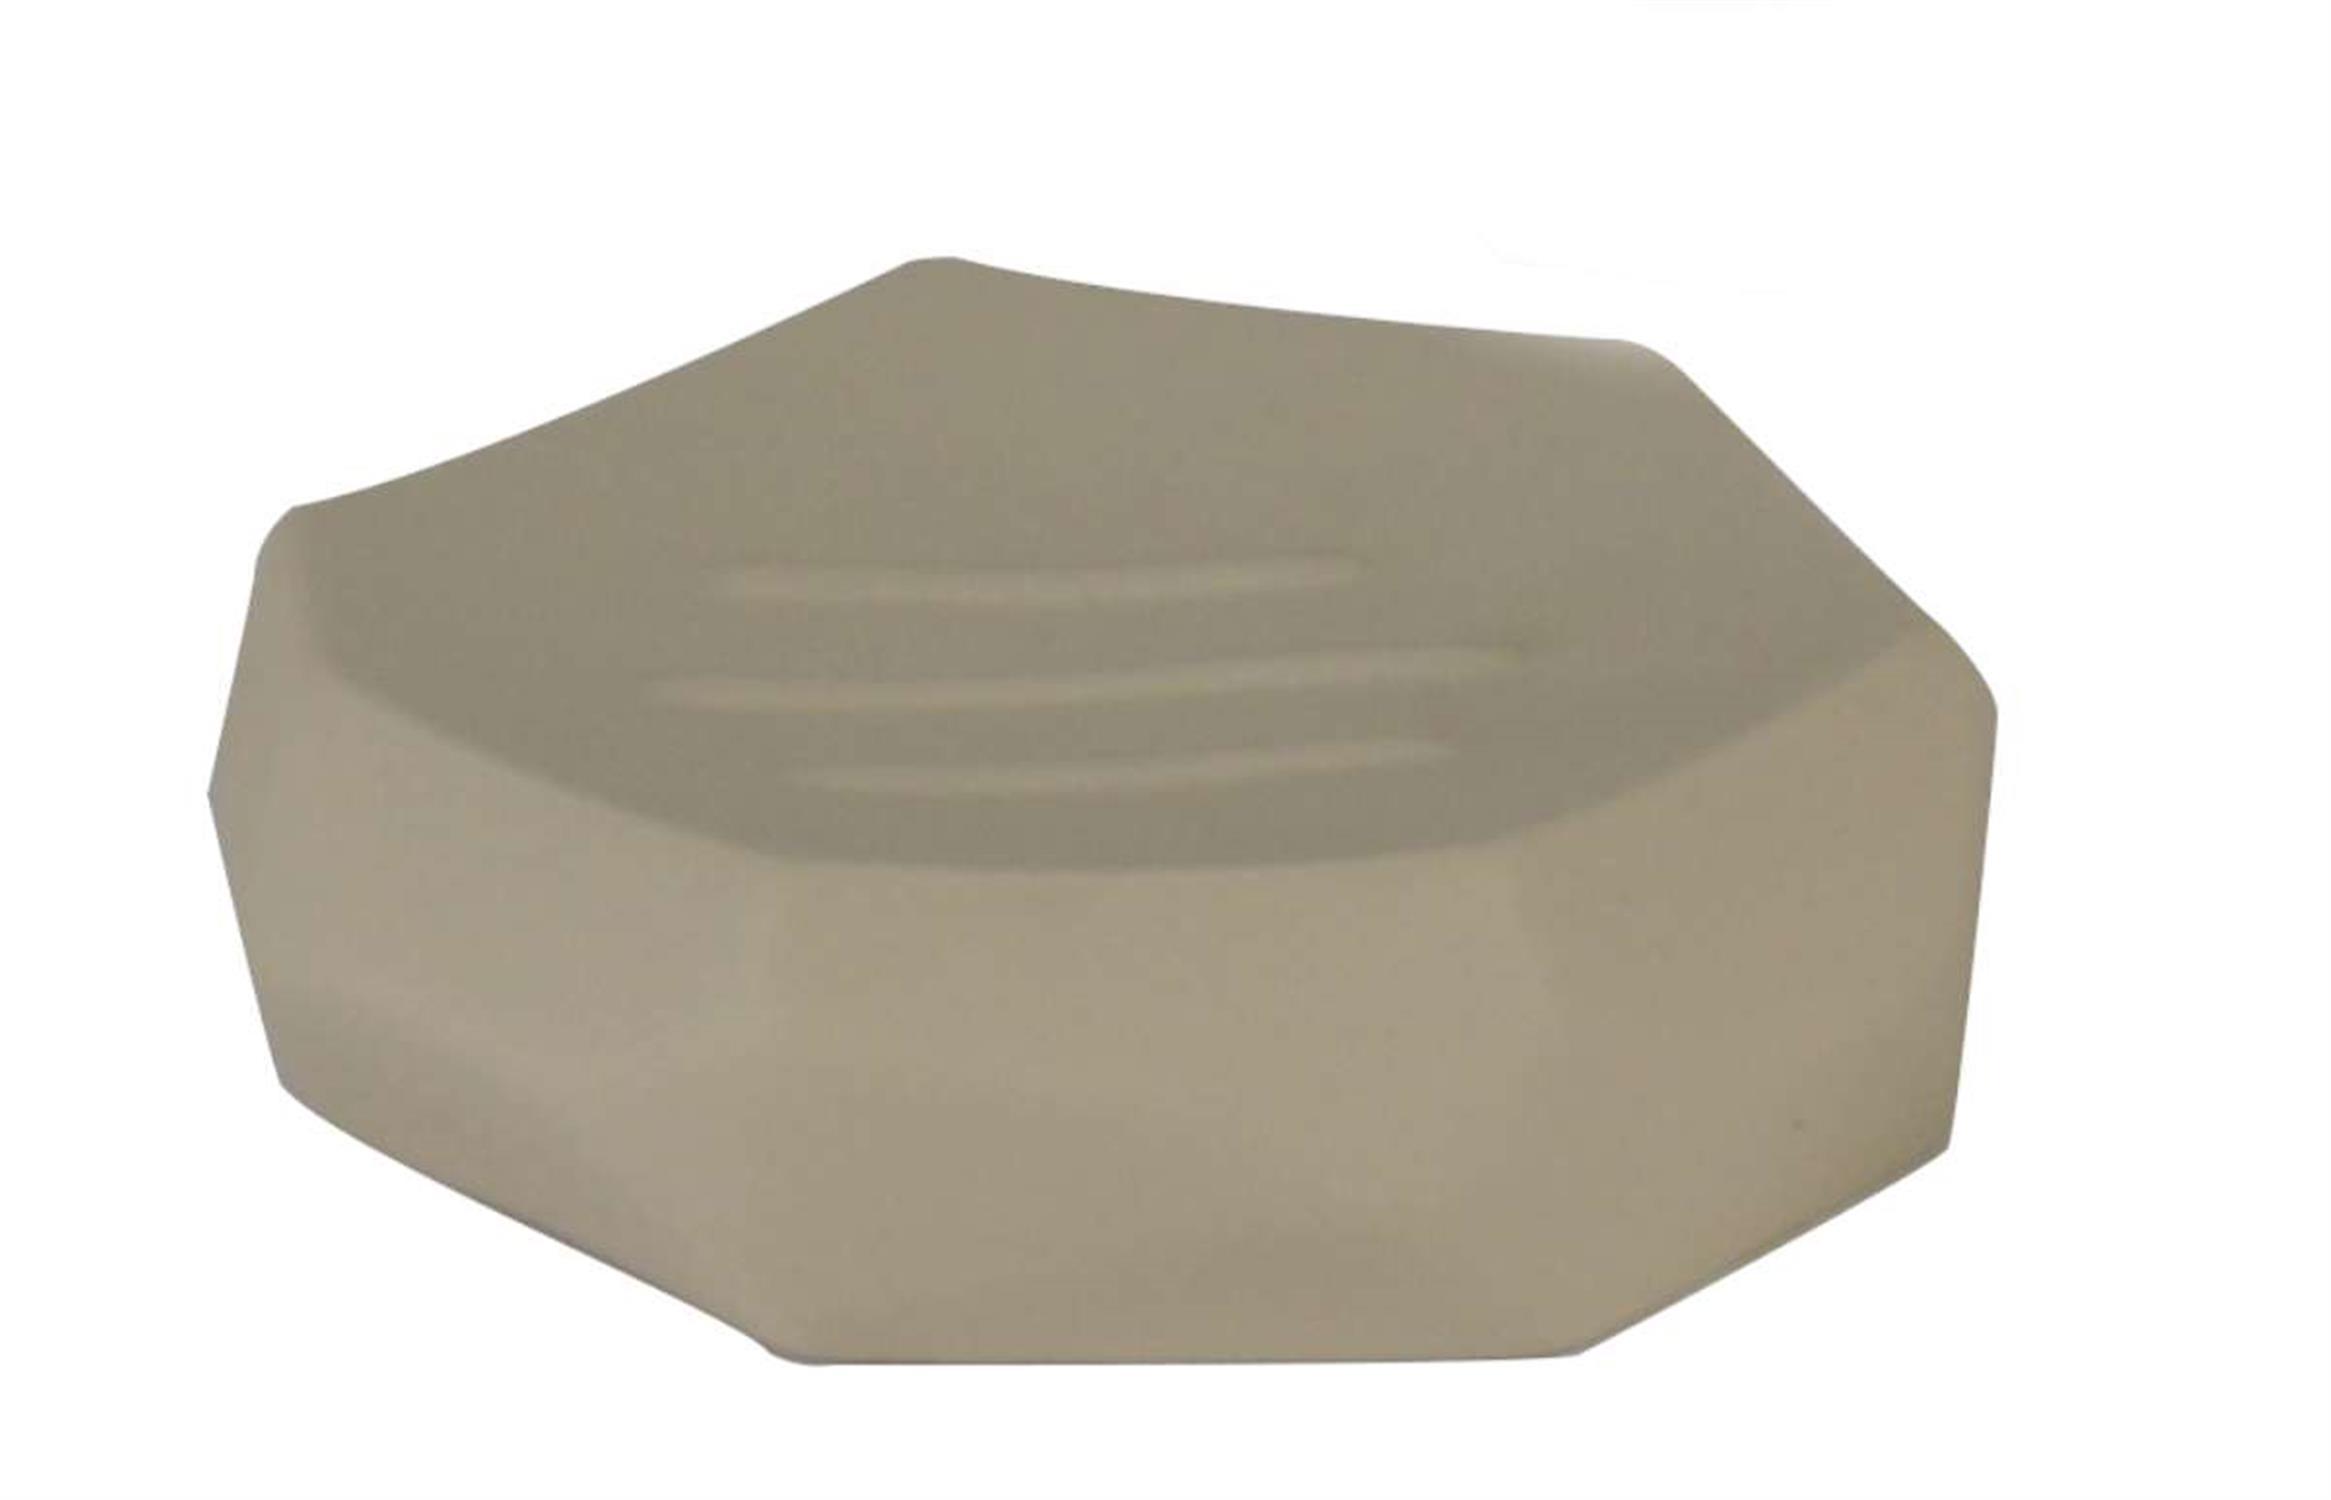 Σαπουνοθήκη βράχος μπεζ 11.8×11.8x3cm Estia 02-1933/BEIGE